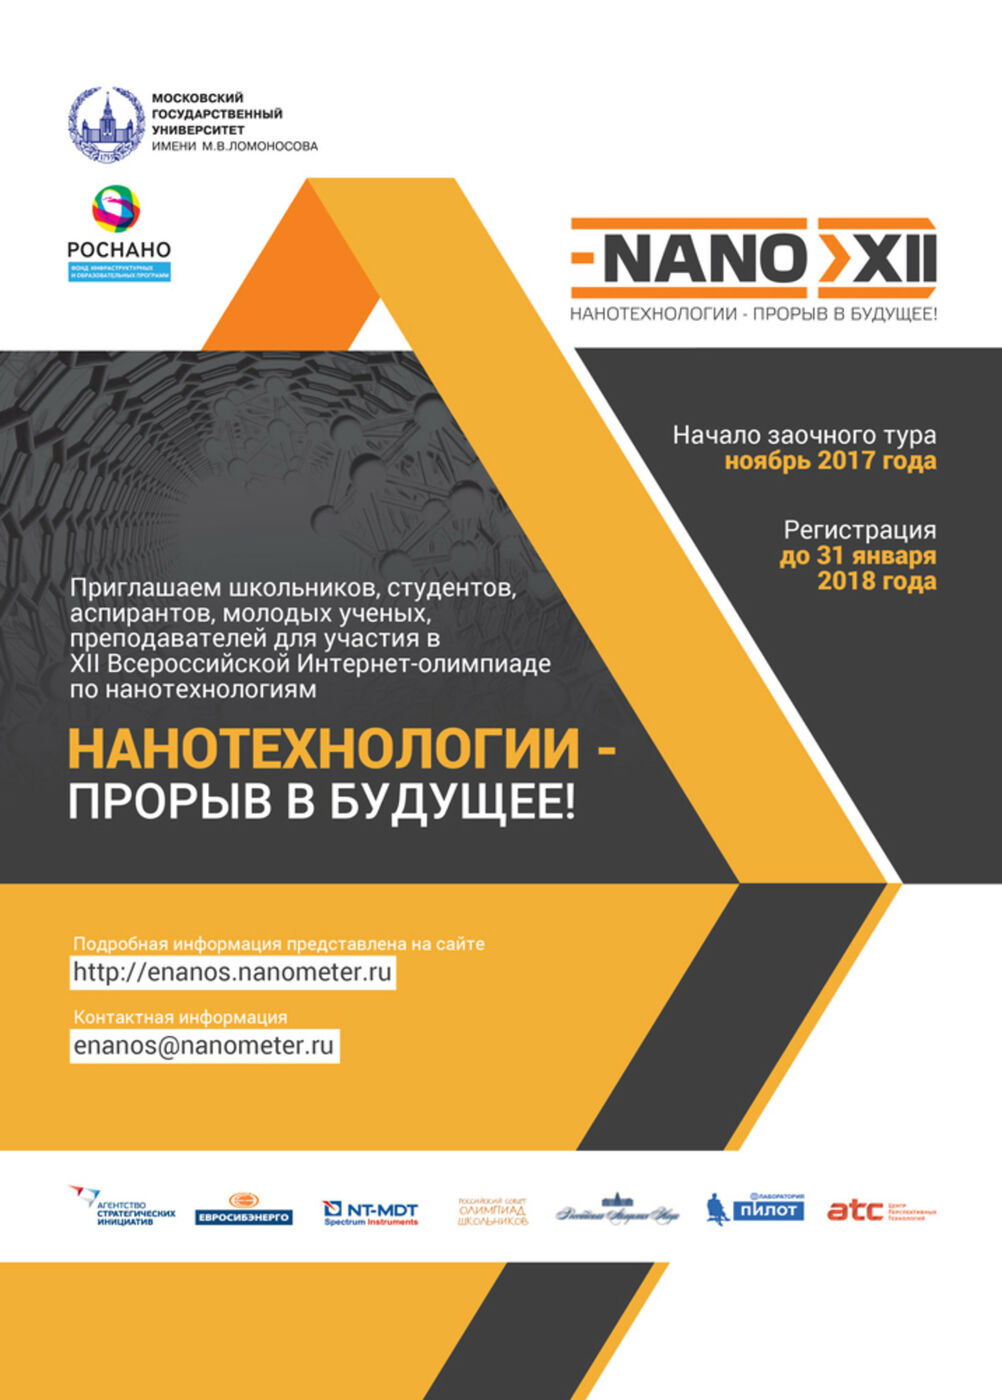 """XII Всероссийская Интернет-олимпиада по нанотехнологиям """"Нанотехнологии – прорыв в будущее!"""""""